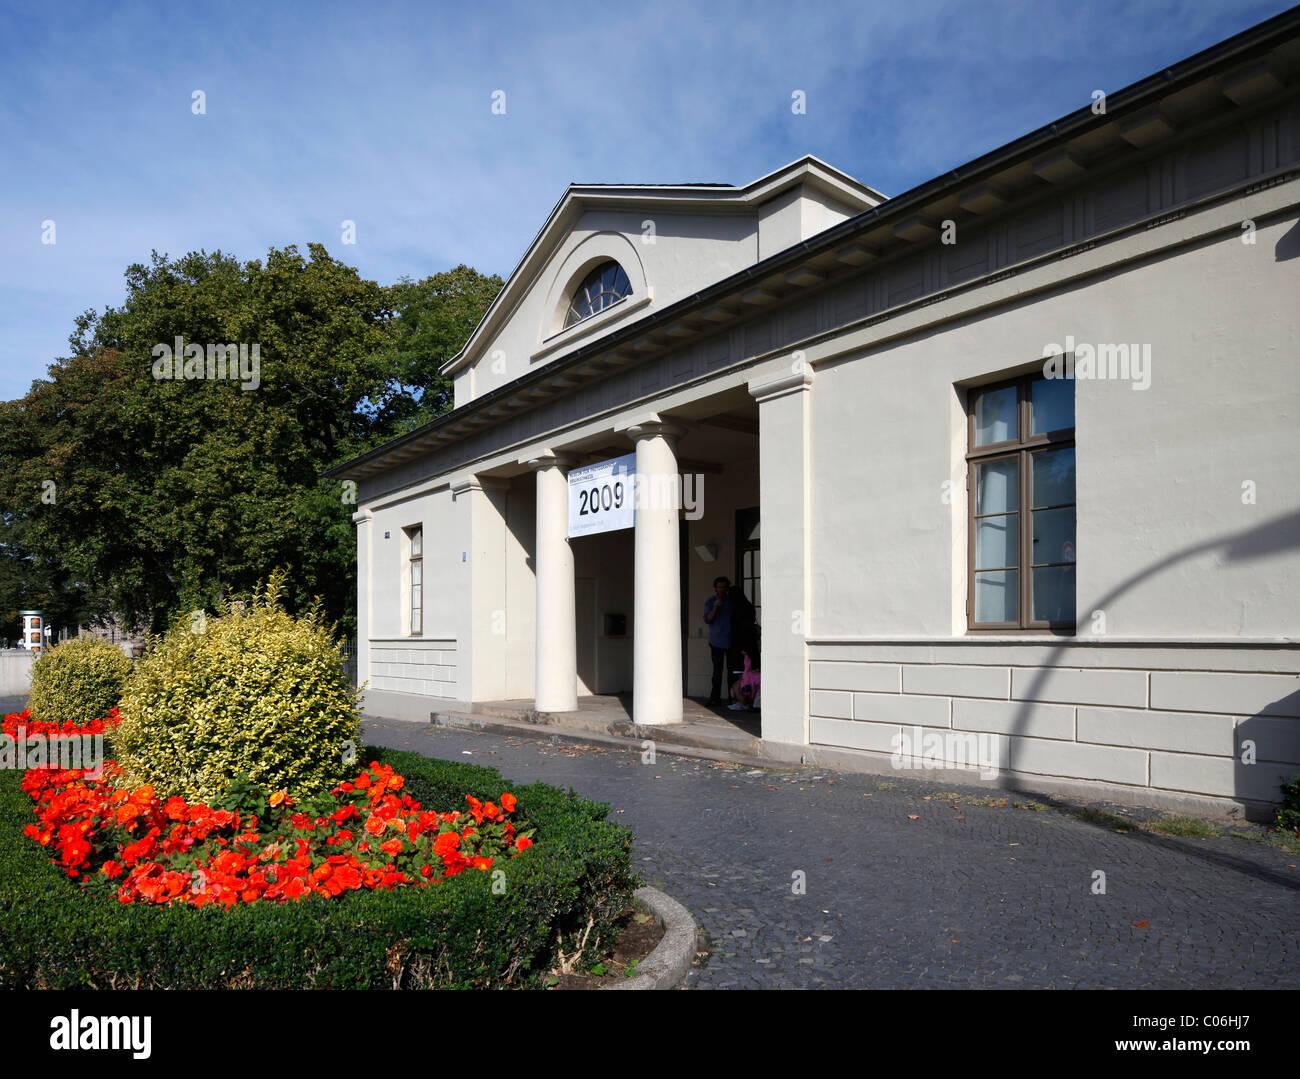 Antigua casa de aduanas, el Museo de Fotografía, Braunschweig, Baja Sajonia, Alemania, Europa Imagen De Stock